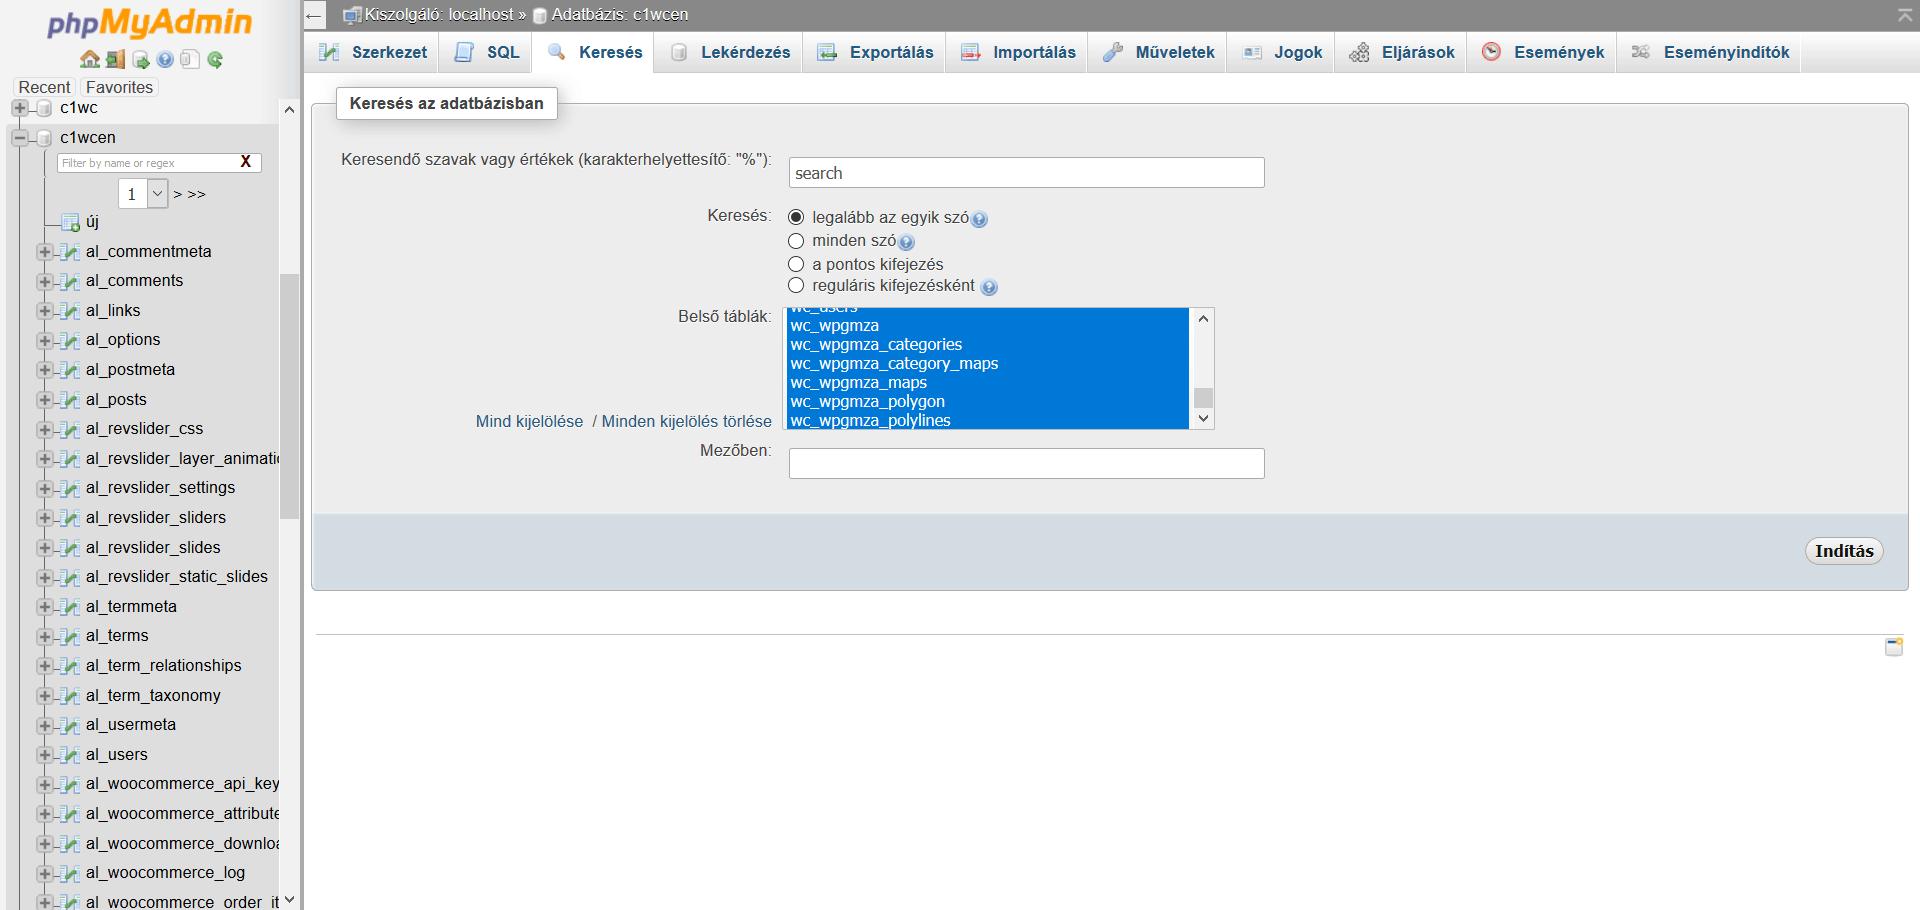 adx bináris opciók 60 másodperc